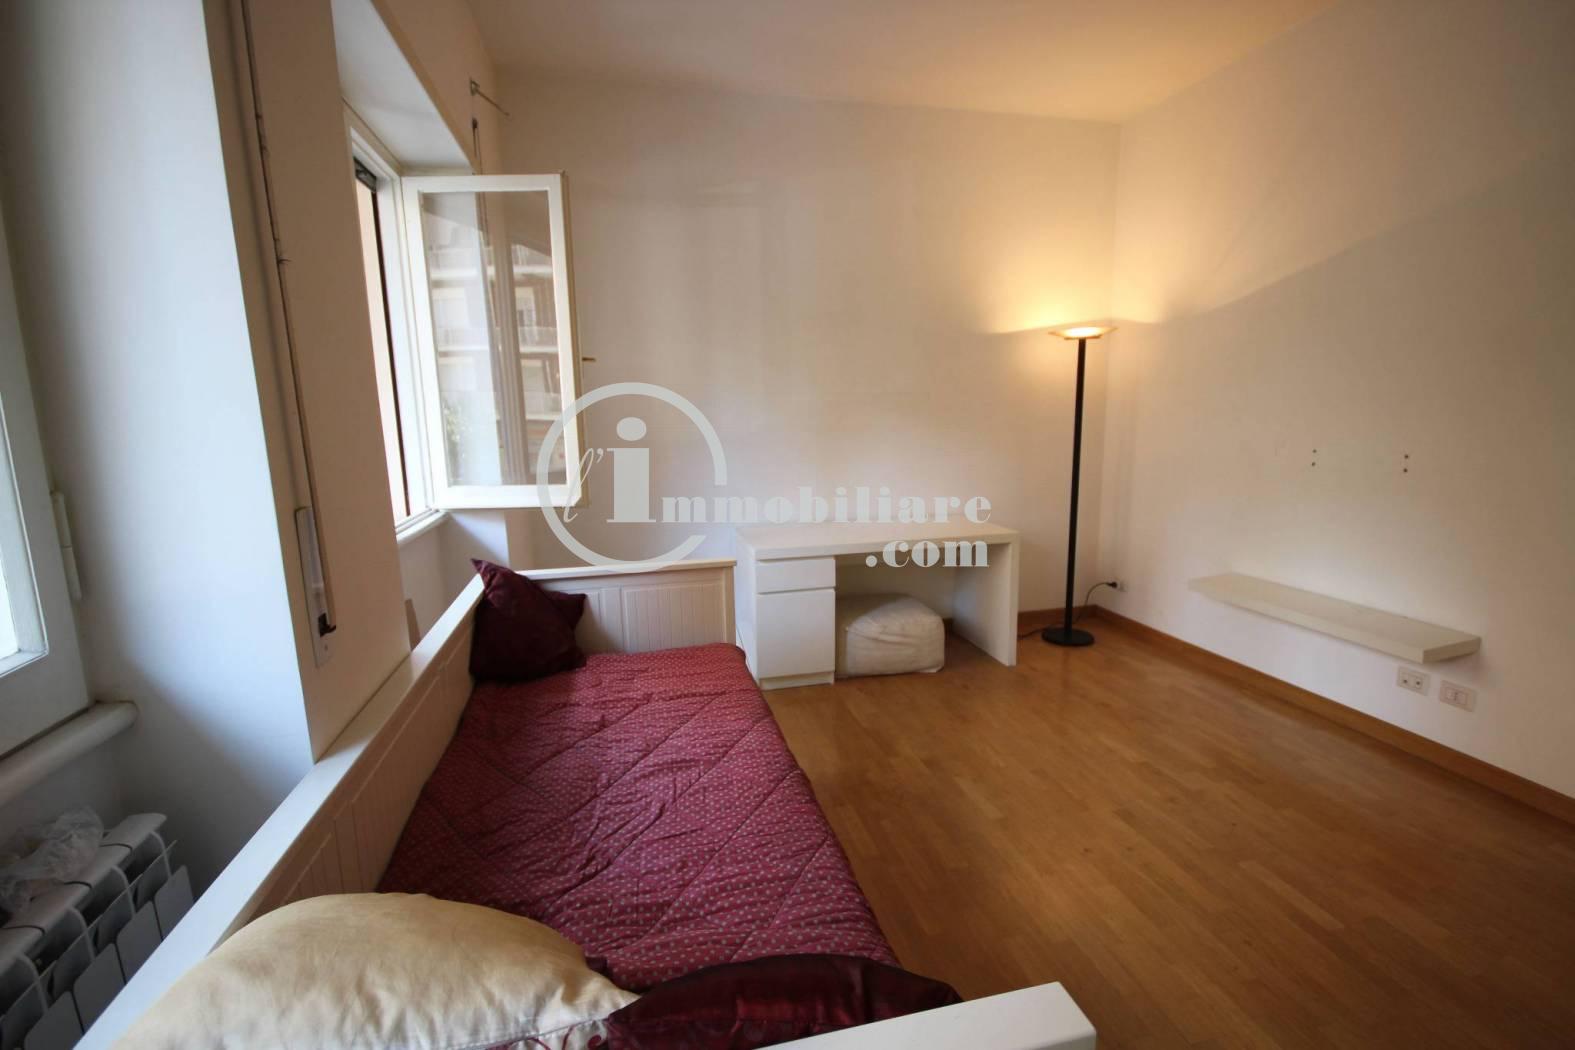 Appartamento in Vendita a Roma: 2 locali, 50 mq - Foto 9